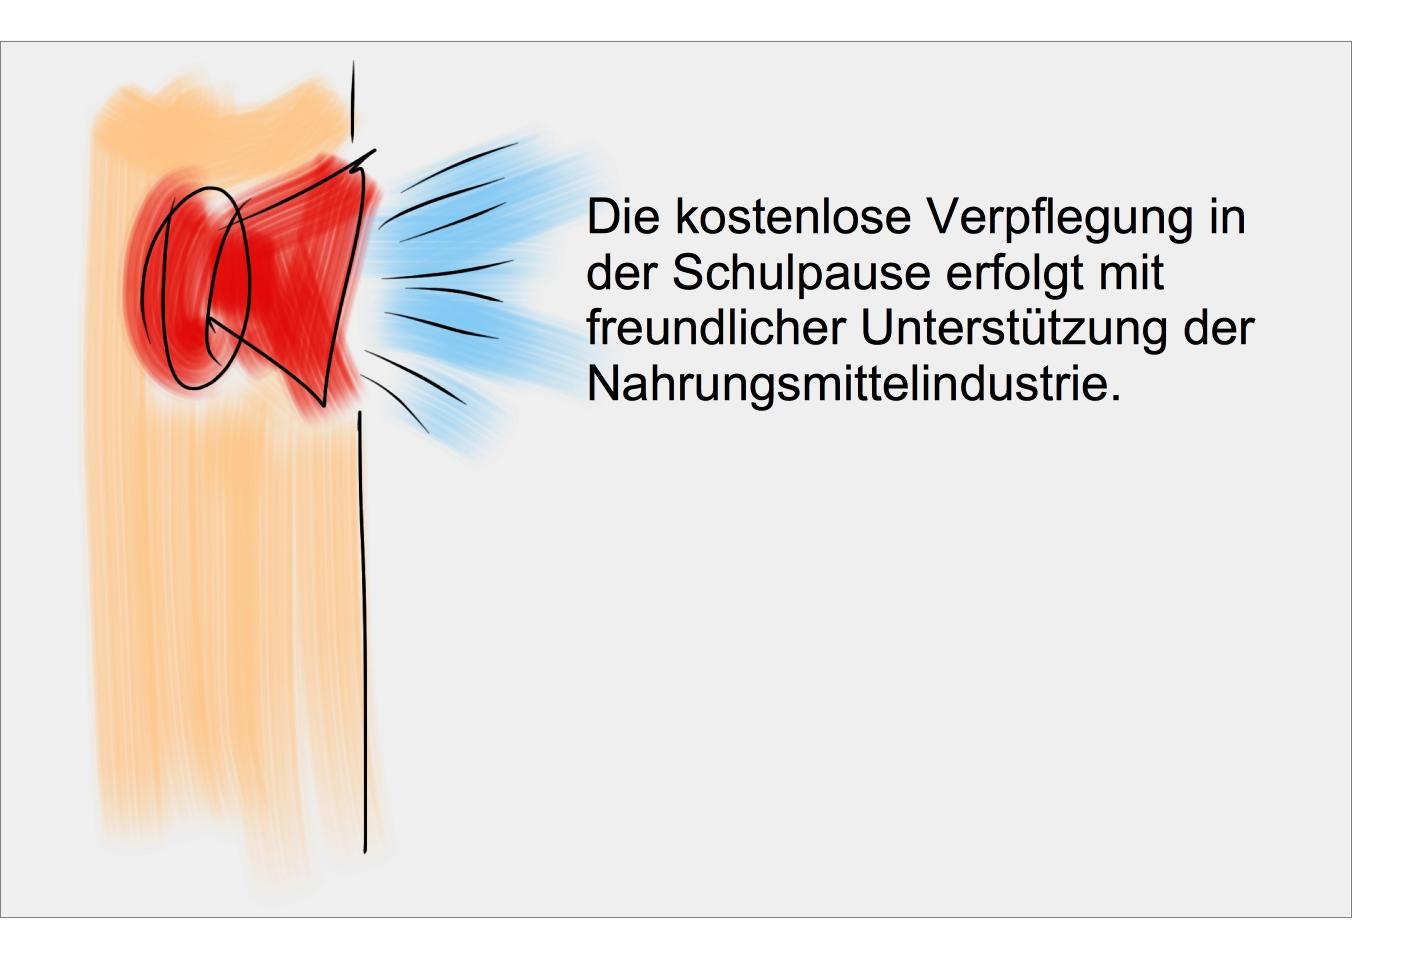 Werbung und Lobbyarbeit in Kindergarten und Schule: Von Müslitagen ...